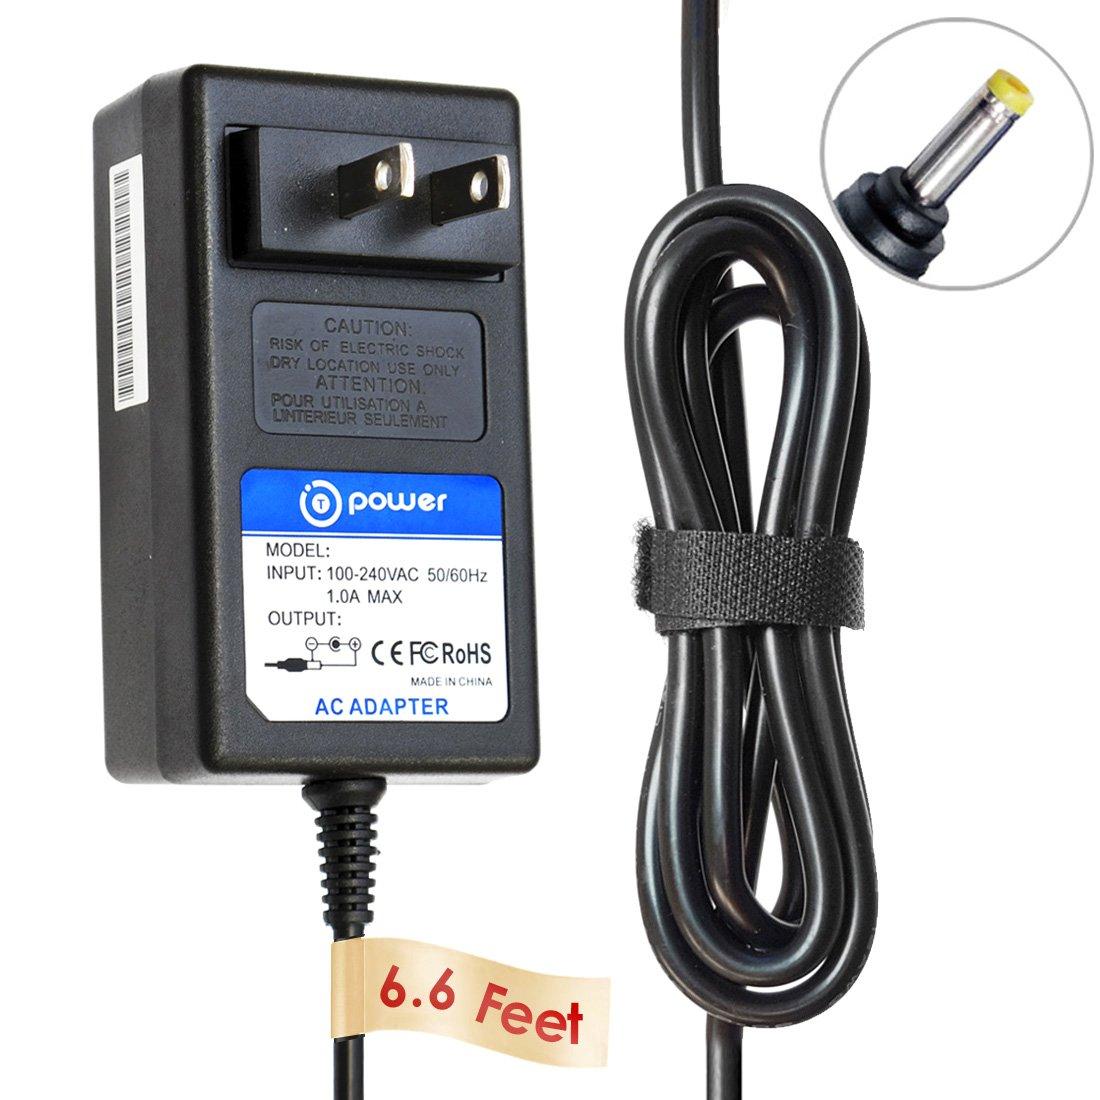 T-Power 12V Ac adapter for (2015 model) Roku 3 (4230R) Streaming Media Player, Model 4200R 4200X FA-1201000SUC (FCC ID : TC2-R1004 IC: 5959A-R1004) & Roku 2 (4210R)(2013-2015 model) power supply